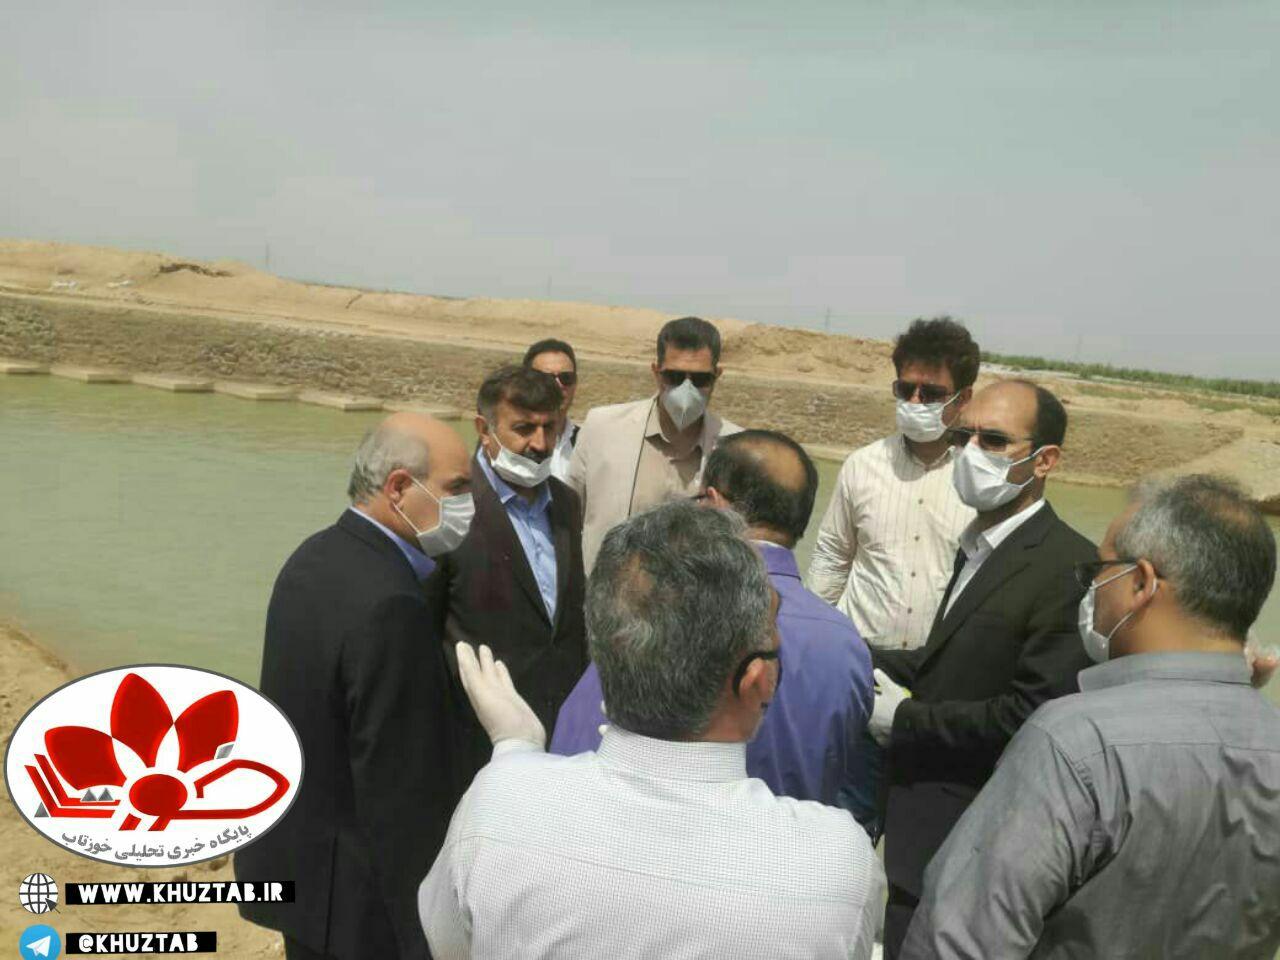 IMG 20200407 225121 160 1 برنامههای مقابله با ریزگرد در خوزستان نباید رها شوند